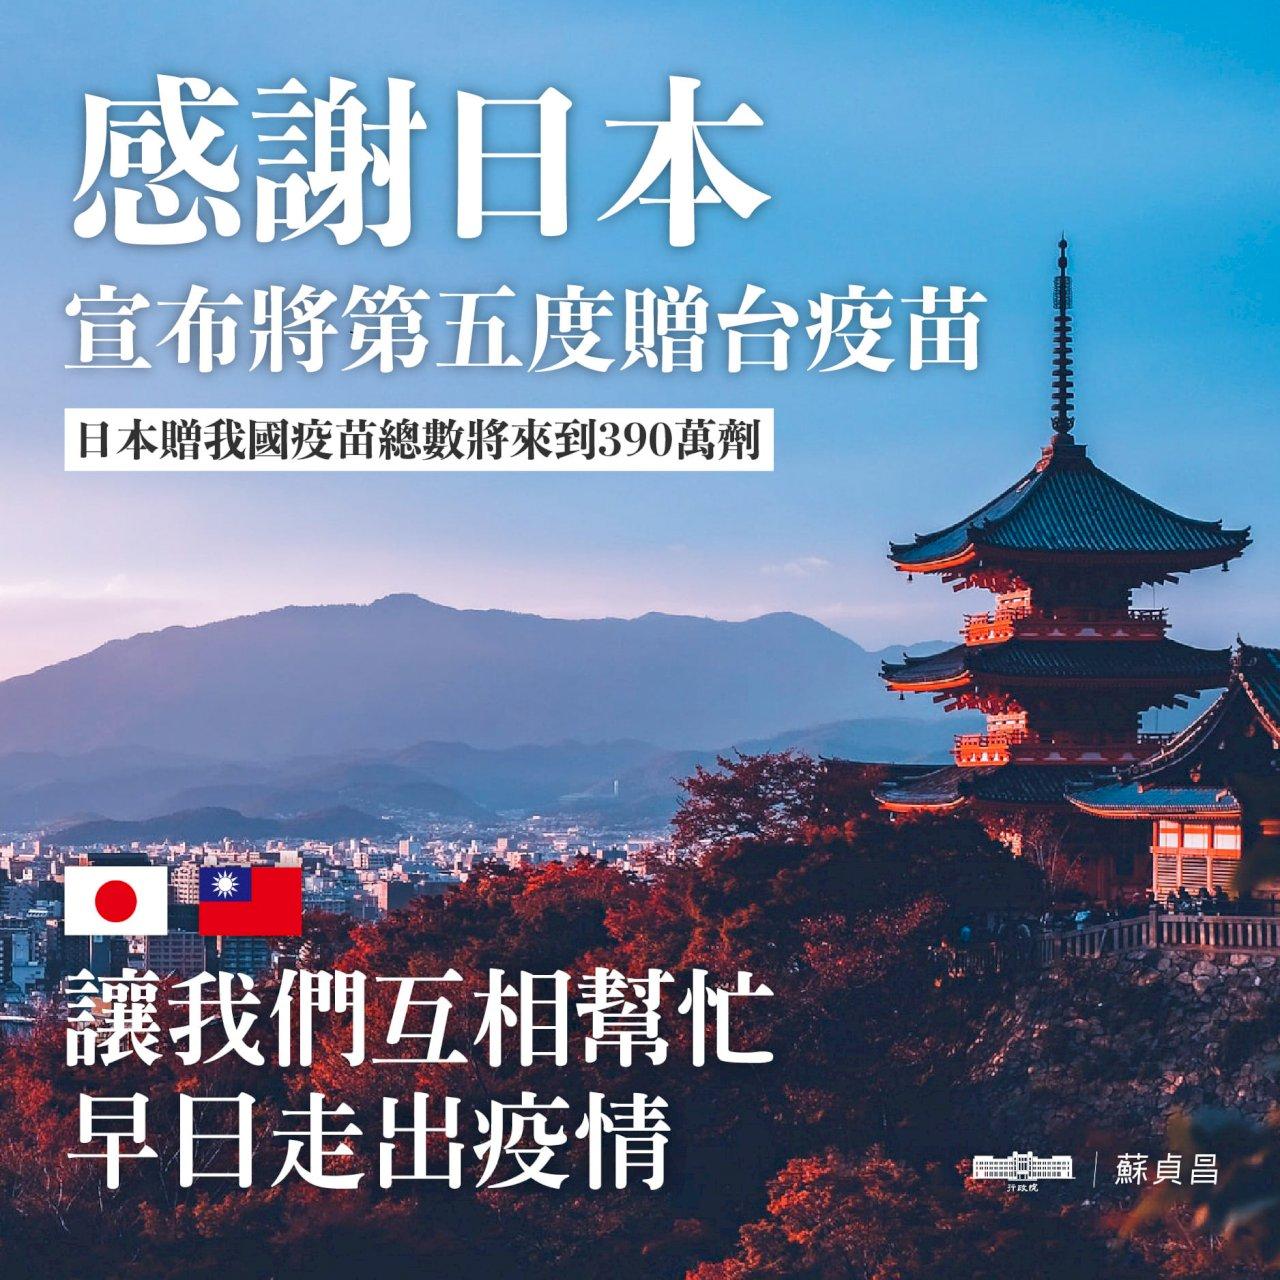 日本再贈台50萬疫苗 蘇揆誠摯感謝